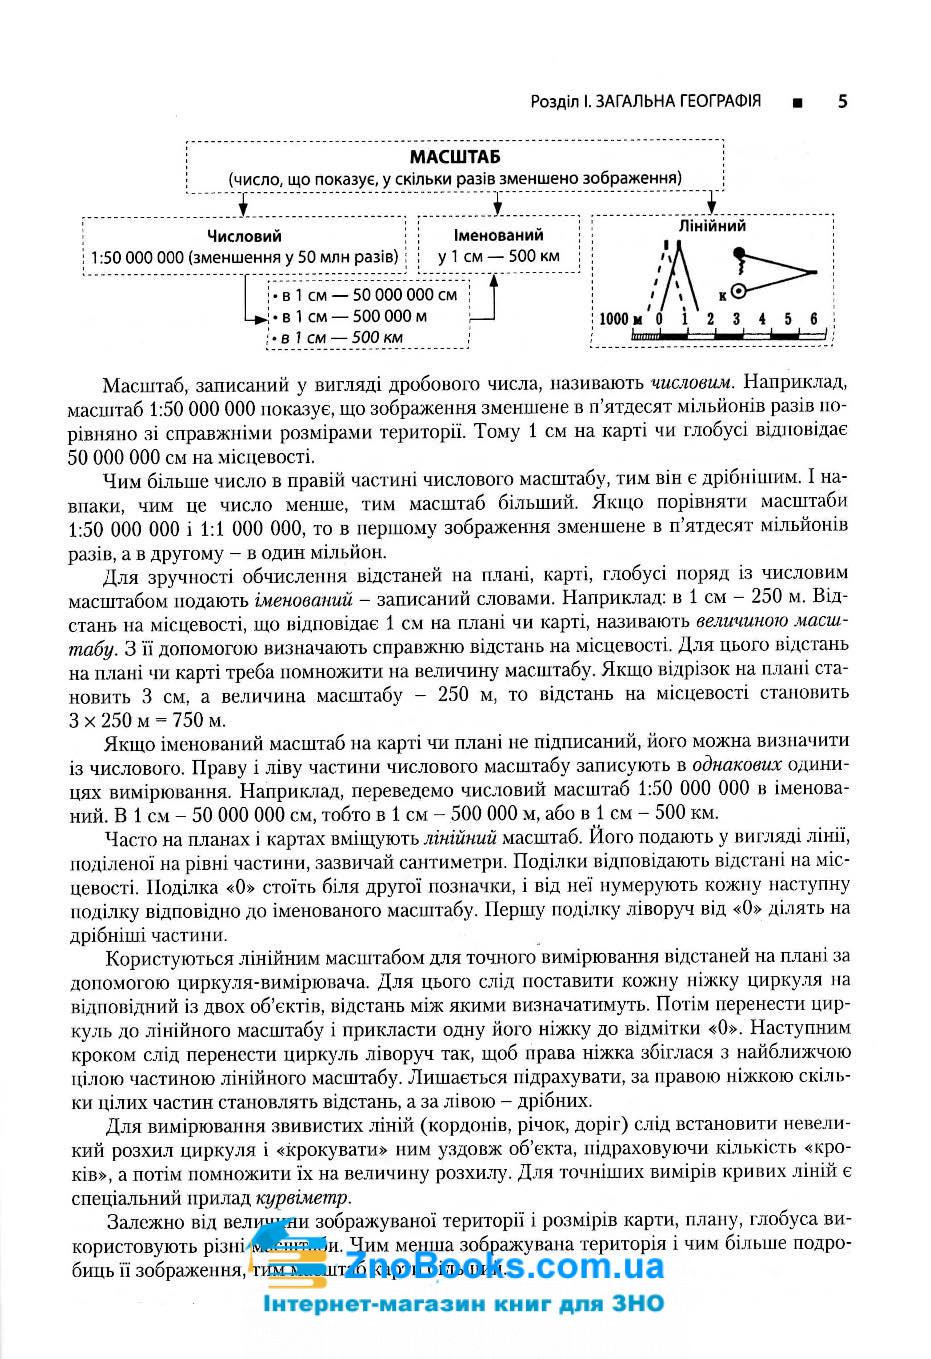 Географія. Довідник для абітурієнтів та школярів /НОВИЙ/ : Кобернік С., Коваленко Р.  Літера 5